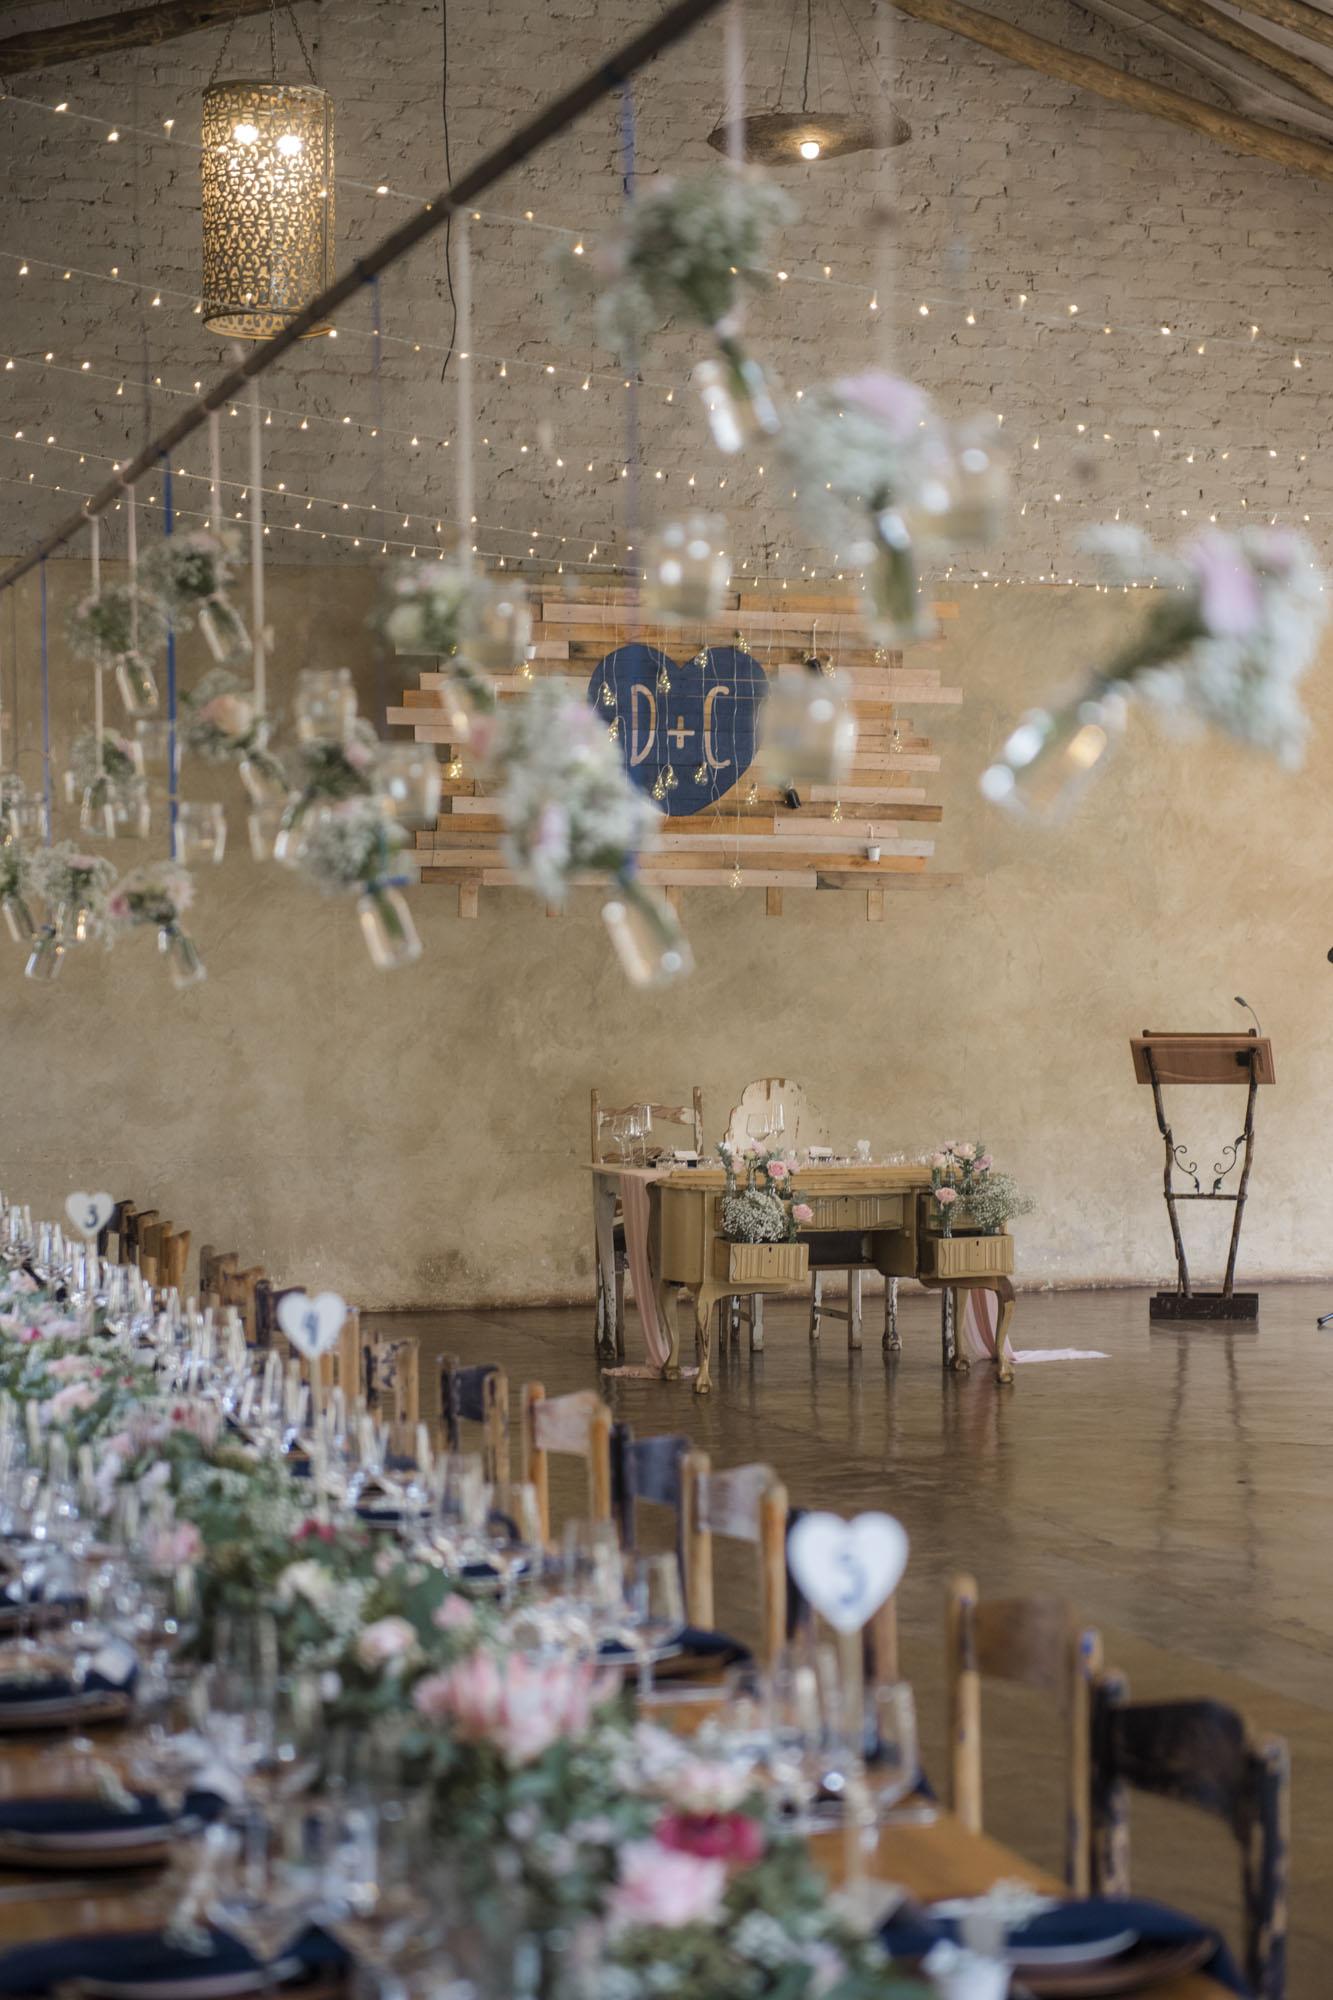 001aaaaaaa-johannesburg-wedding-photographer001aaaaaaa-johannesburg-wedding-photographer_a.jpg